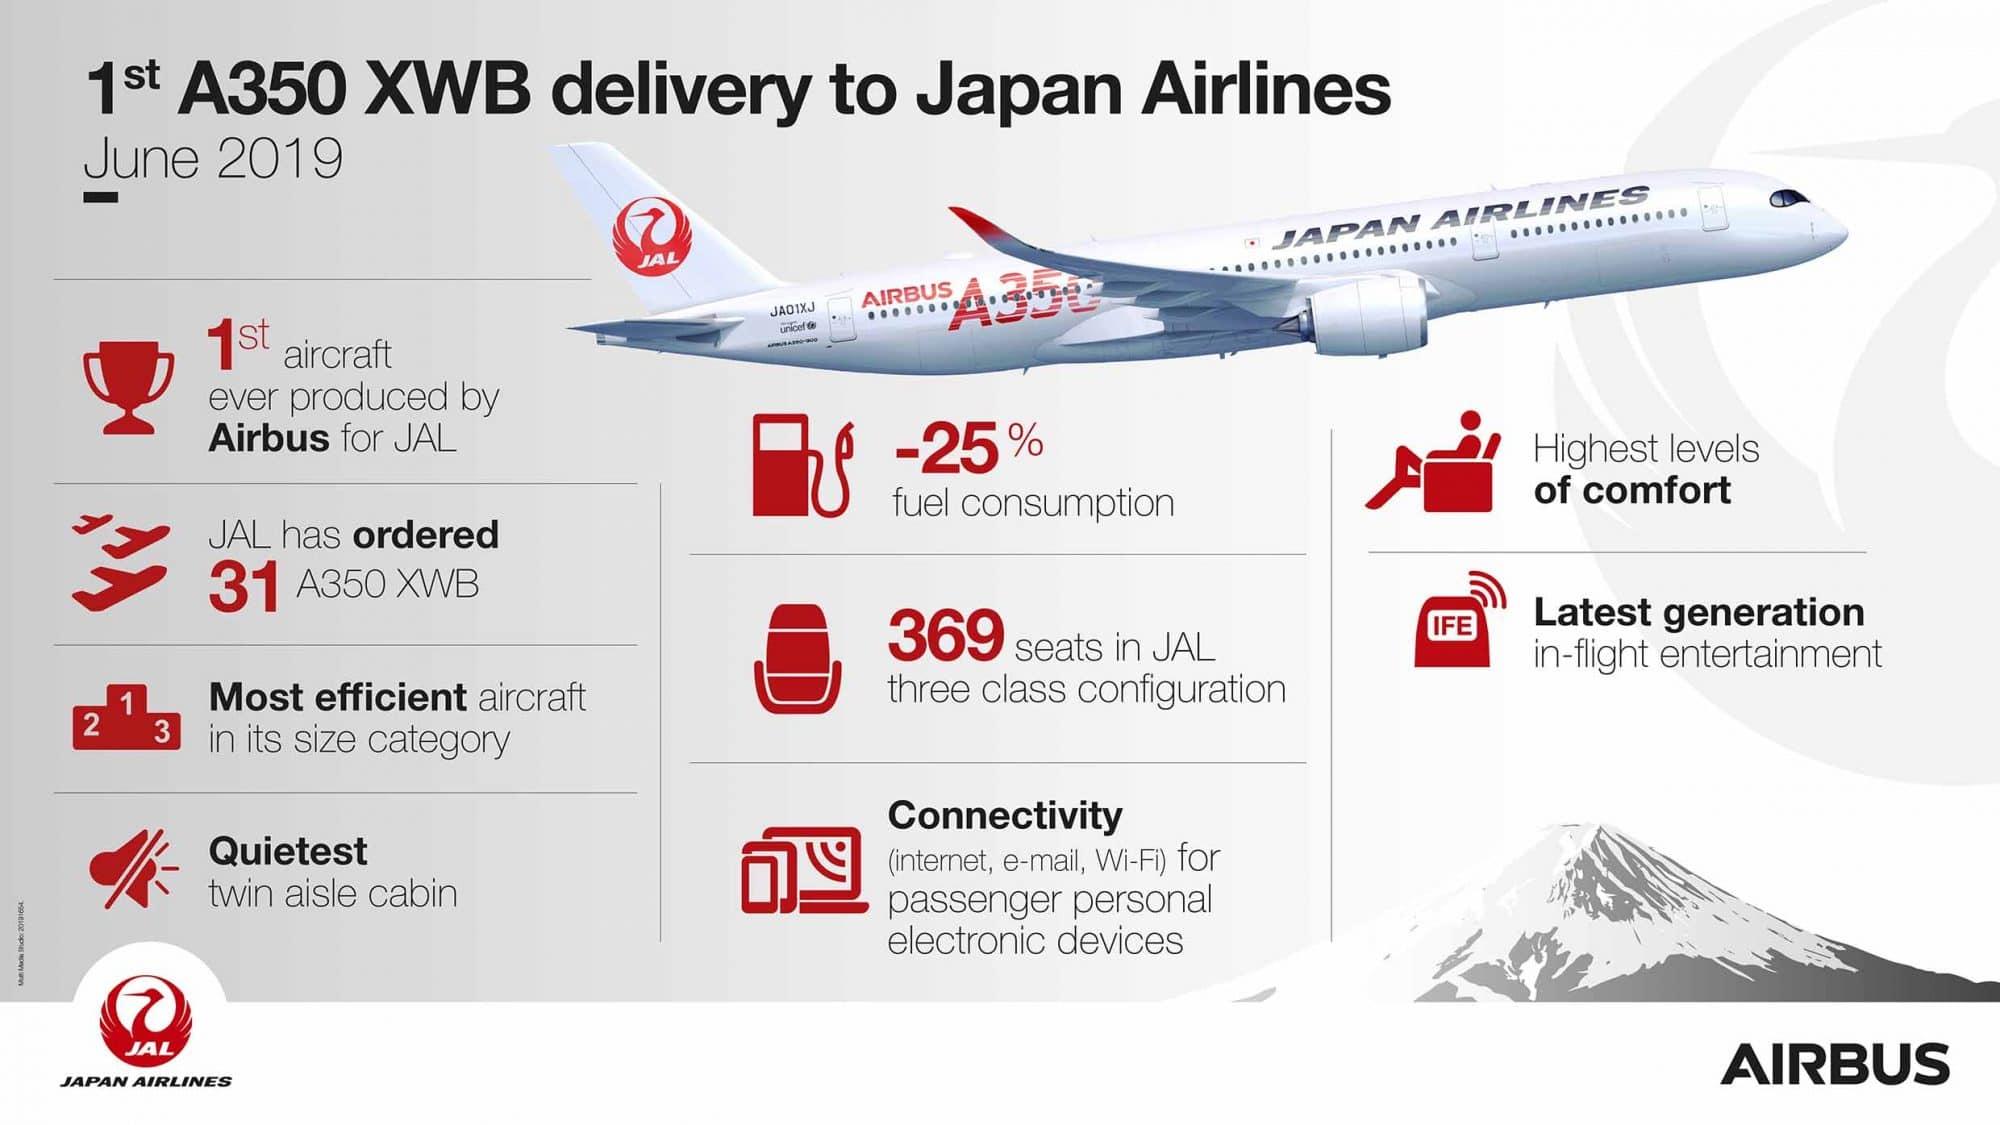 japan airlines รับมอบเครื่องบิน airbus a350 xwb ลำแรก - Japan Airlines รับมอบเครื่องบิน Airbus A350 XWB ลำแรก